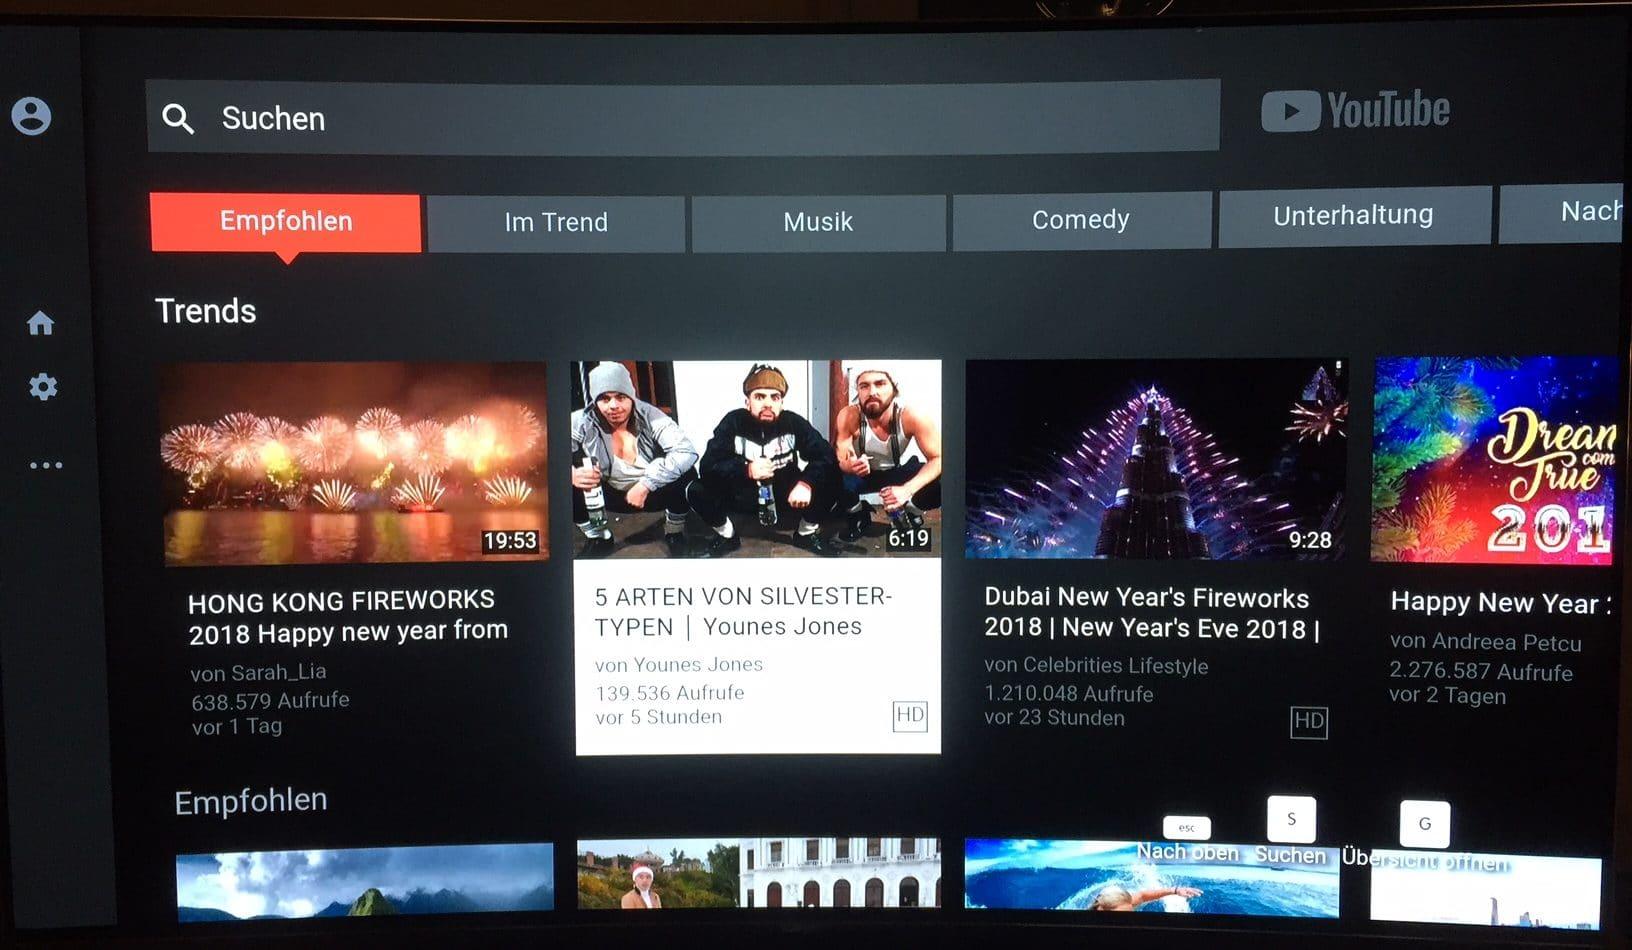 Tauschgeschäft: Youtube kehrt zurück auf Fire TV - Prime